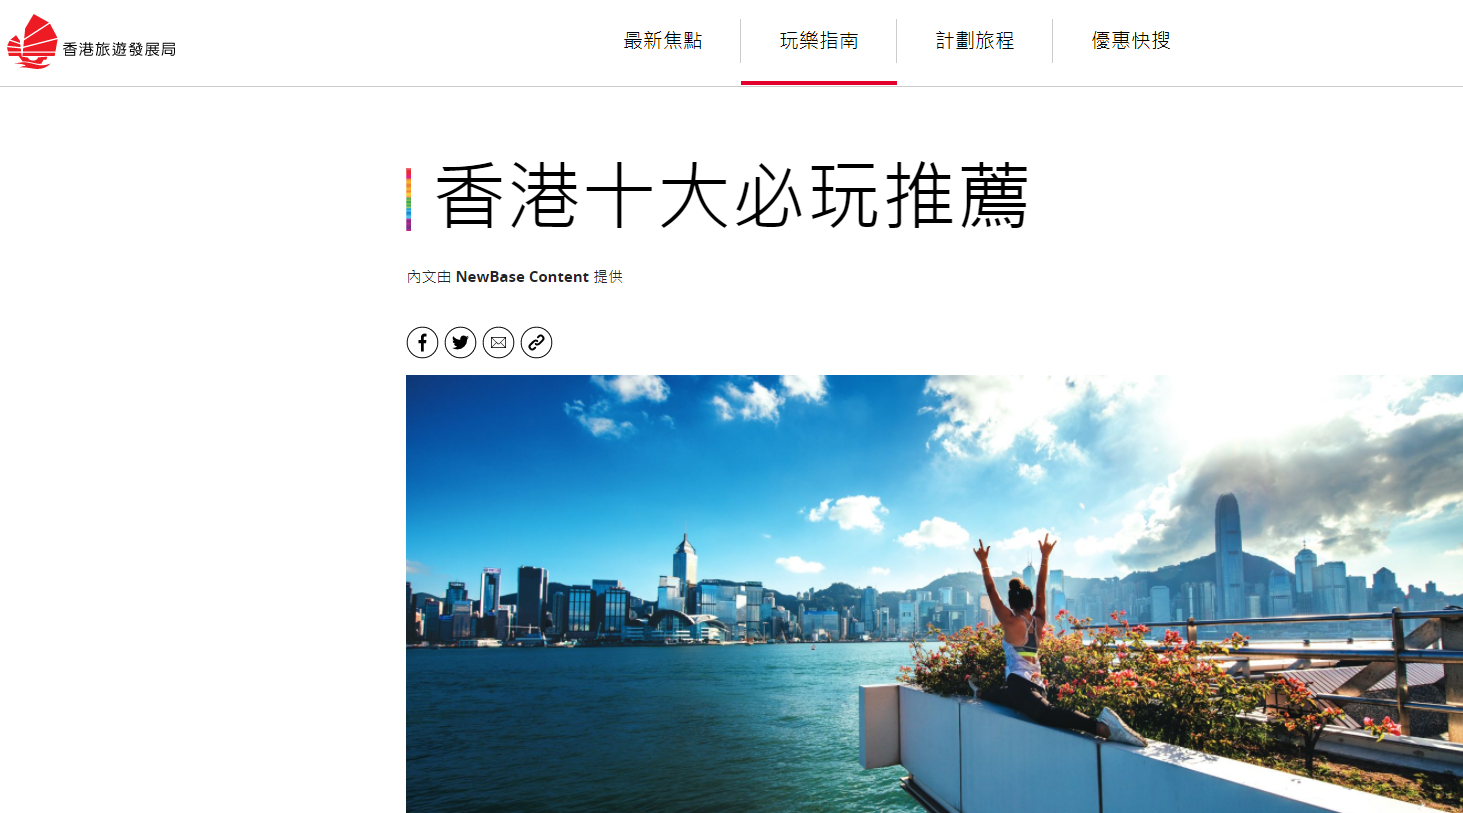 香港旅發局擬推換領計劃 鼓勵市民本地遊